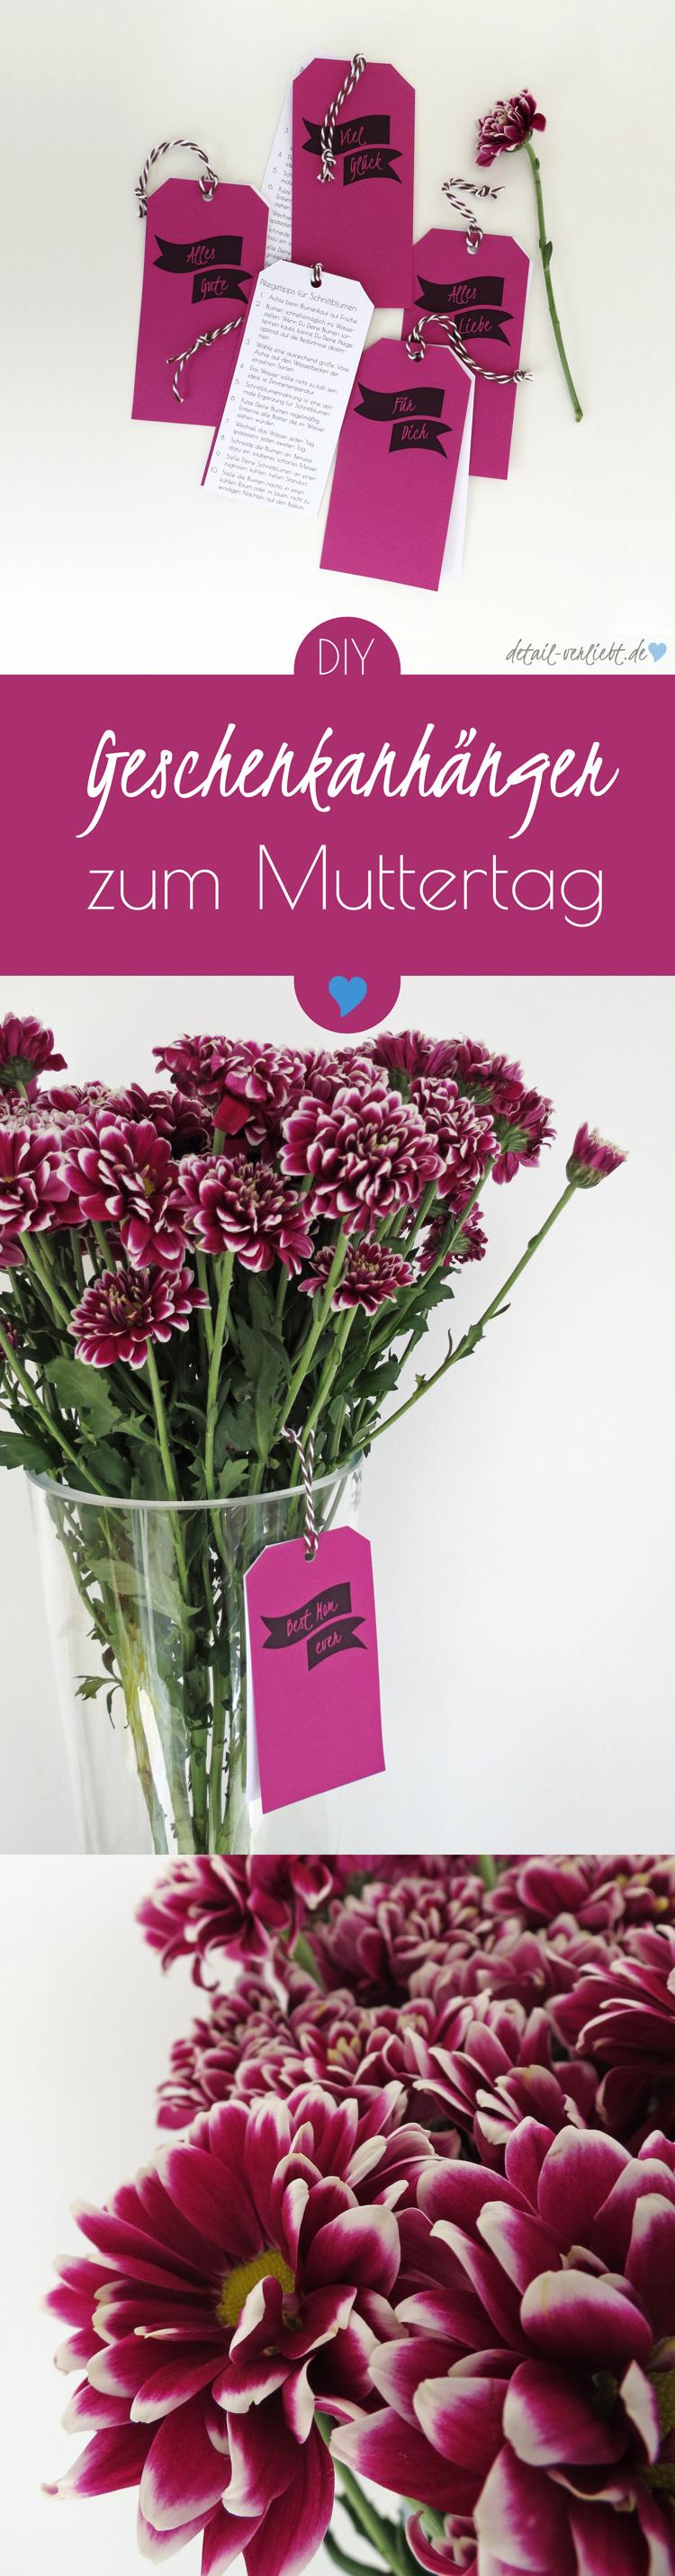 geschenkanhänger zum muttertag und 10 tipps wie schnittblumen, Gartengerate ideen